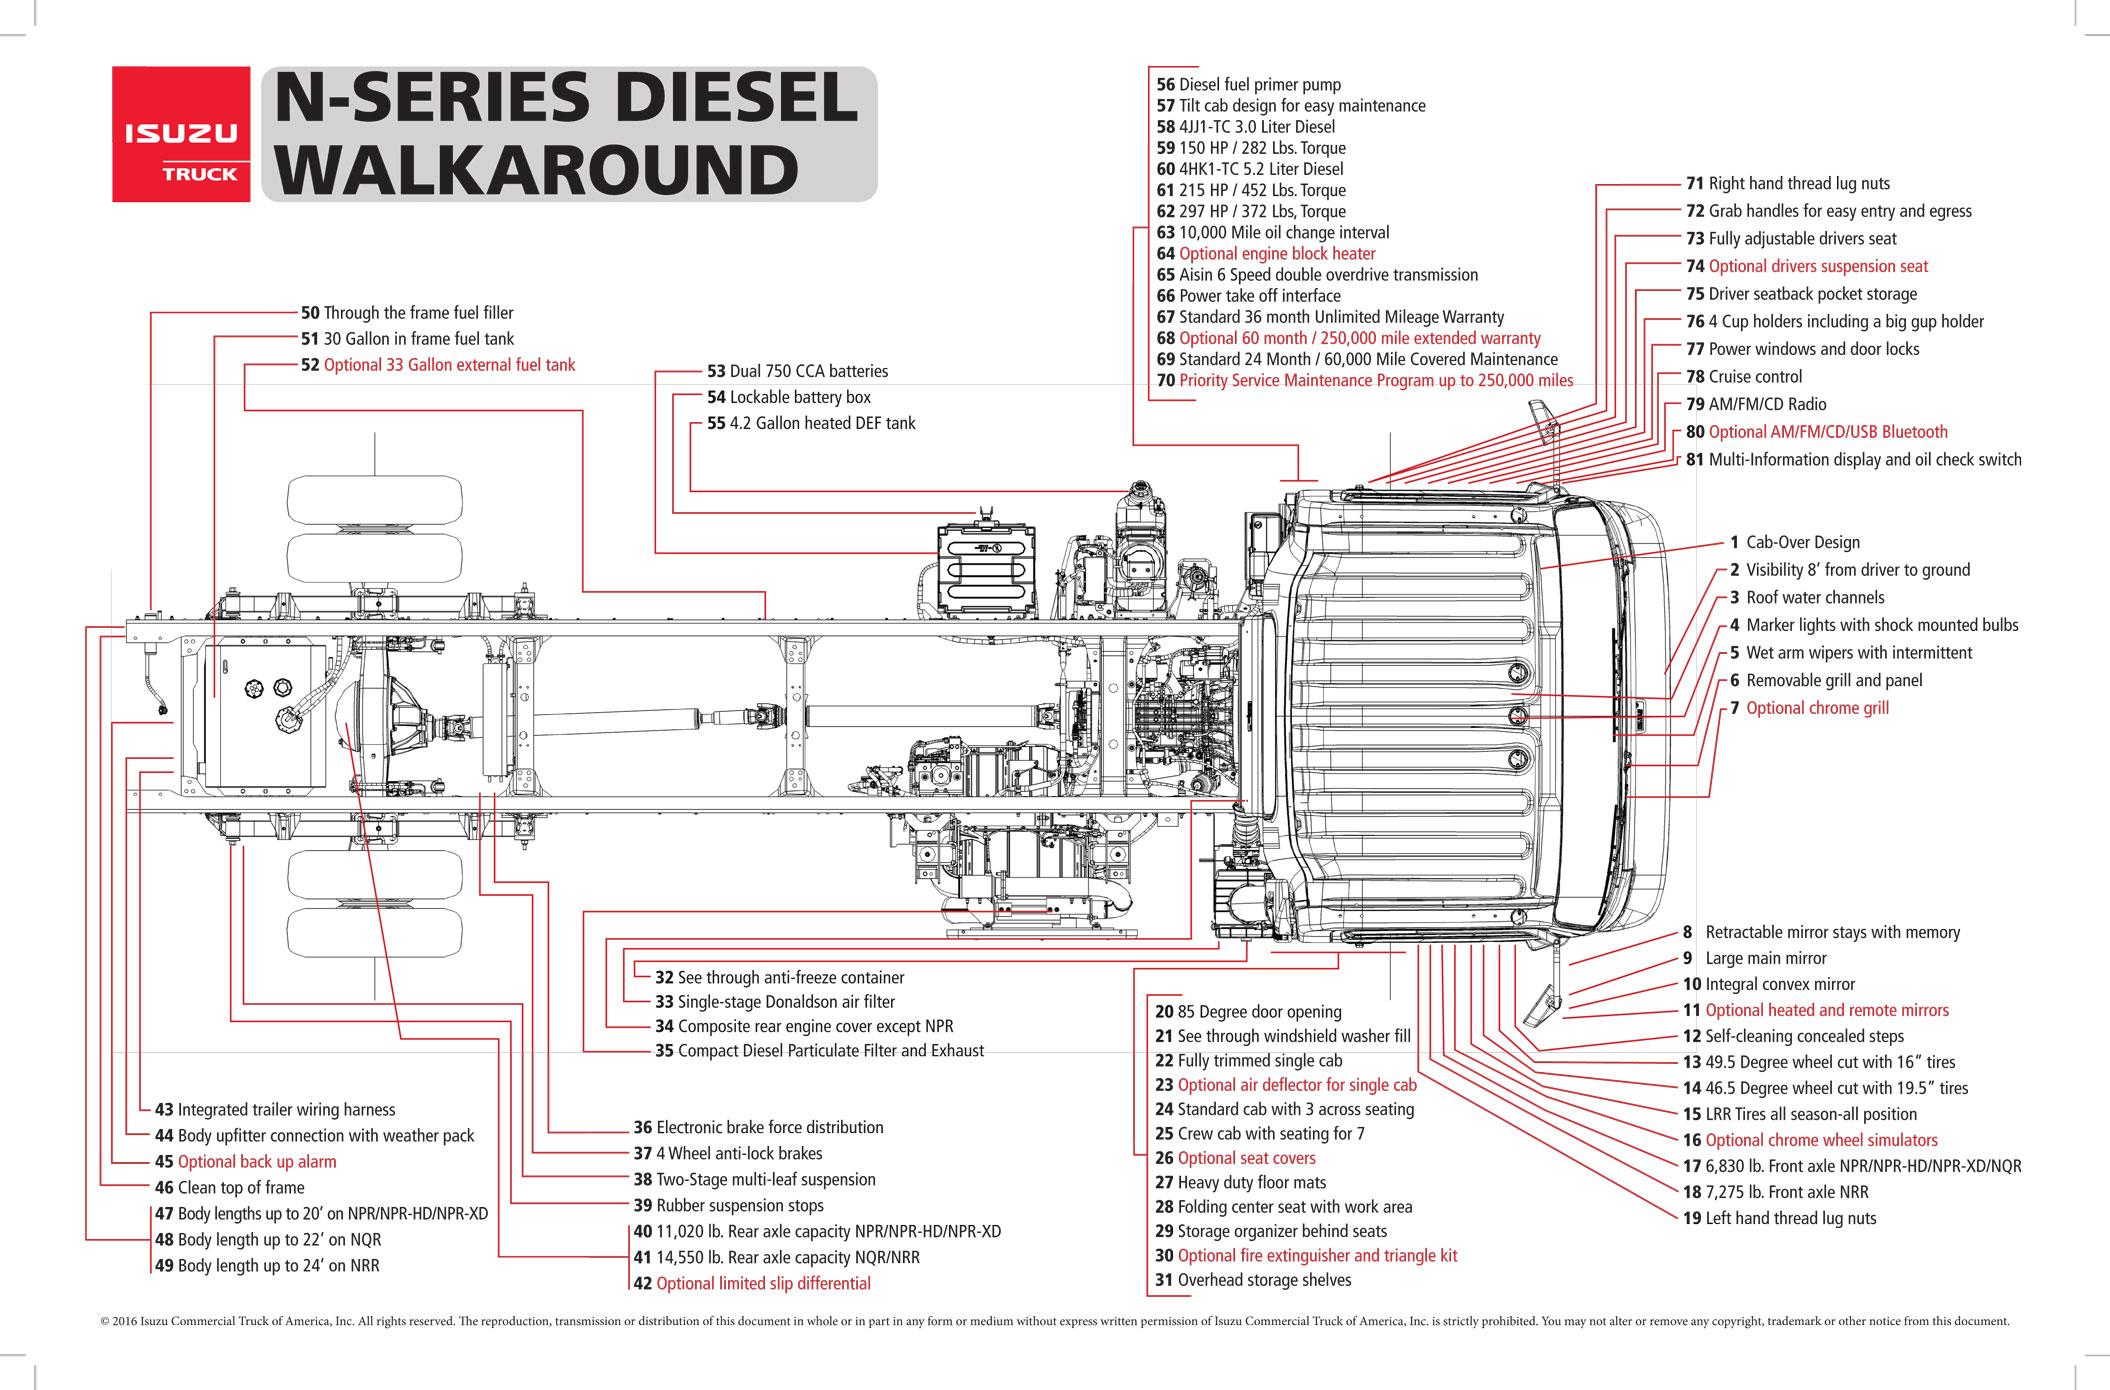 Enjoyable Hino 338 Wiring Diagrams Get Free Image About Wiring Diagram New Wiring Digital Resources Operbouhousnl